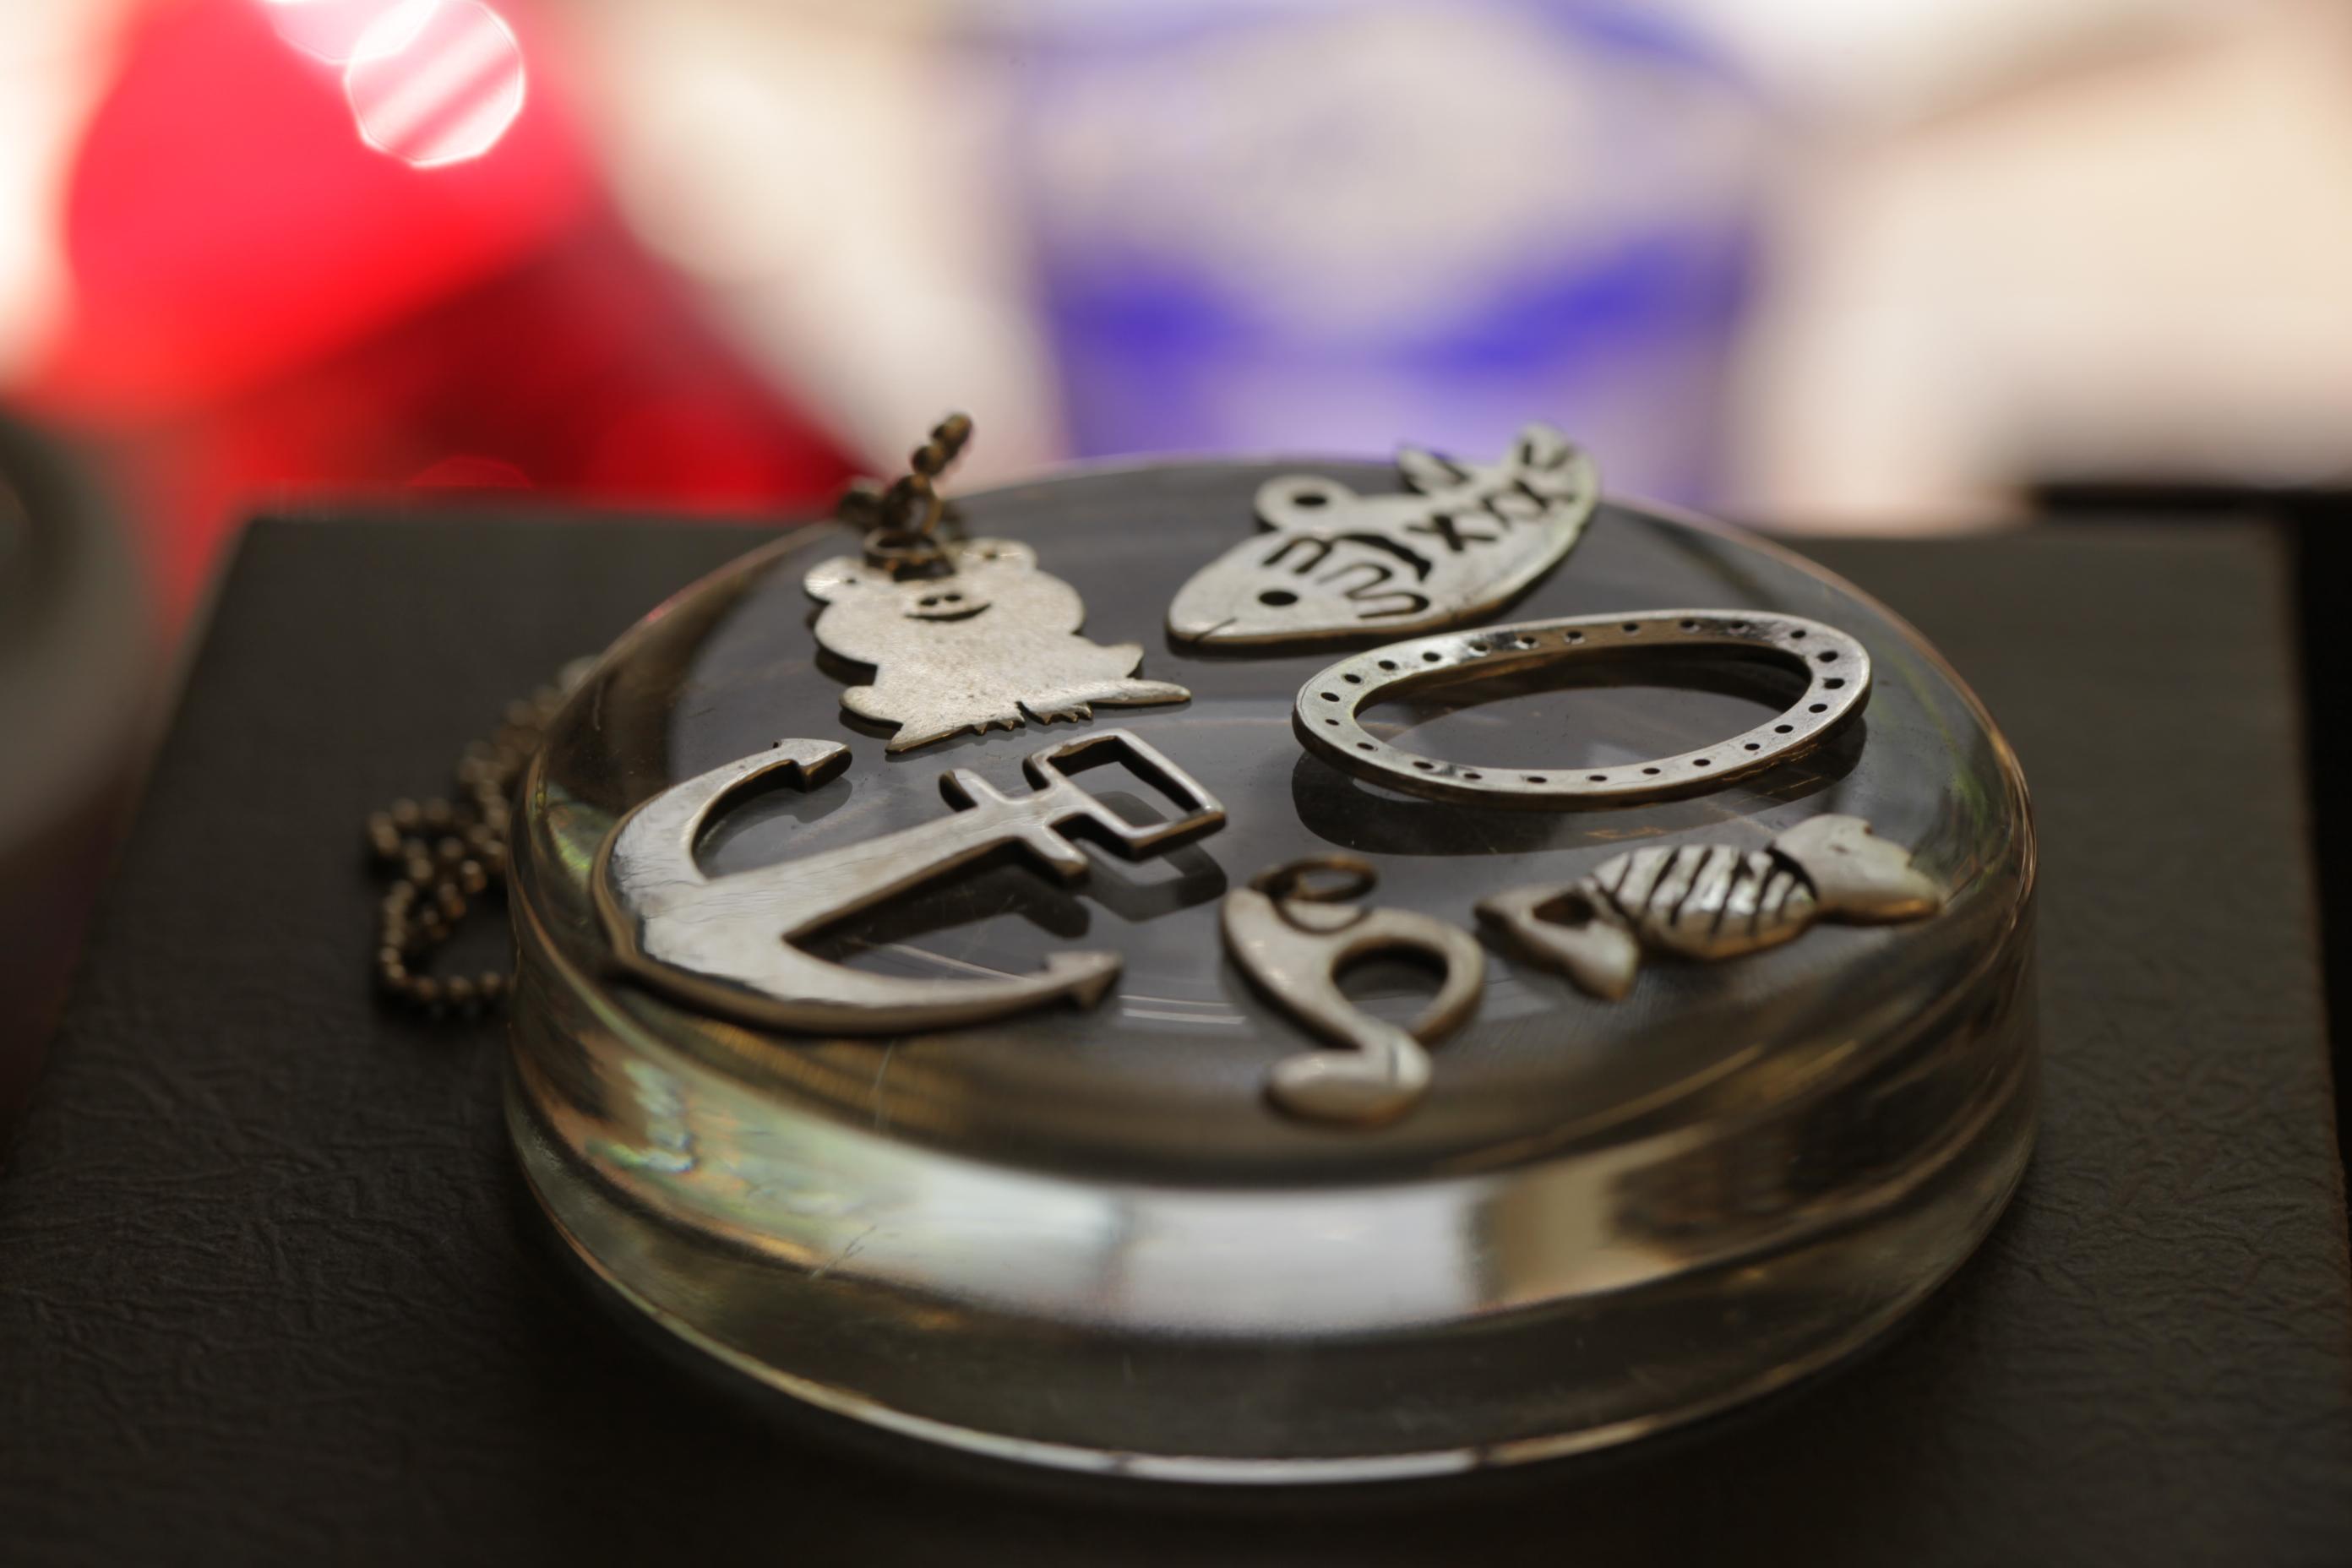 【大阪枚方・彫金】銀を加工する面白さを体験!世界に1つだけのペンダントトップを作ろう